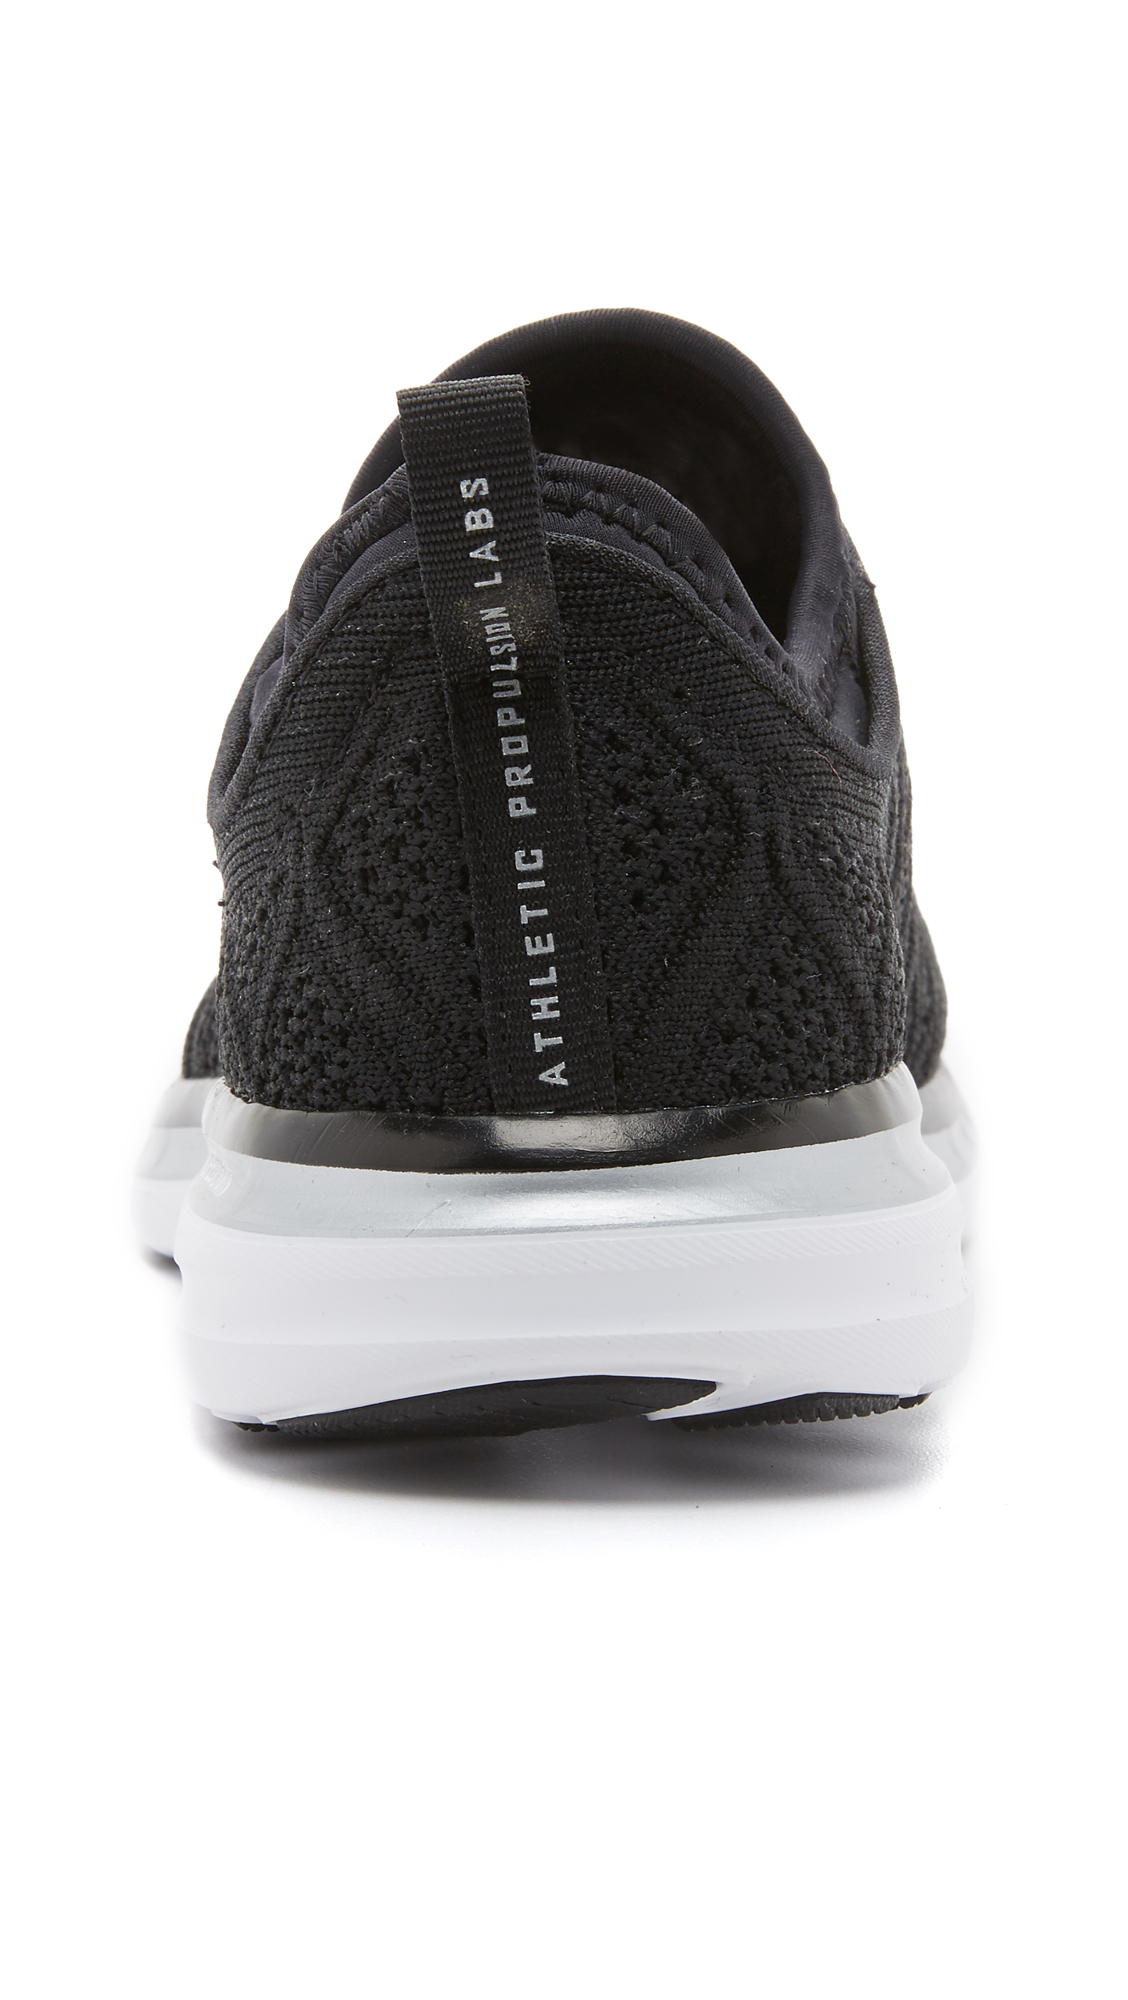 APL  Athletic Propulsion Labs Techloom Phantom Sneakers  9f31c1198